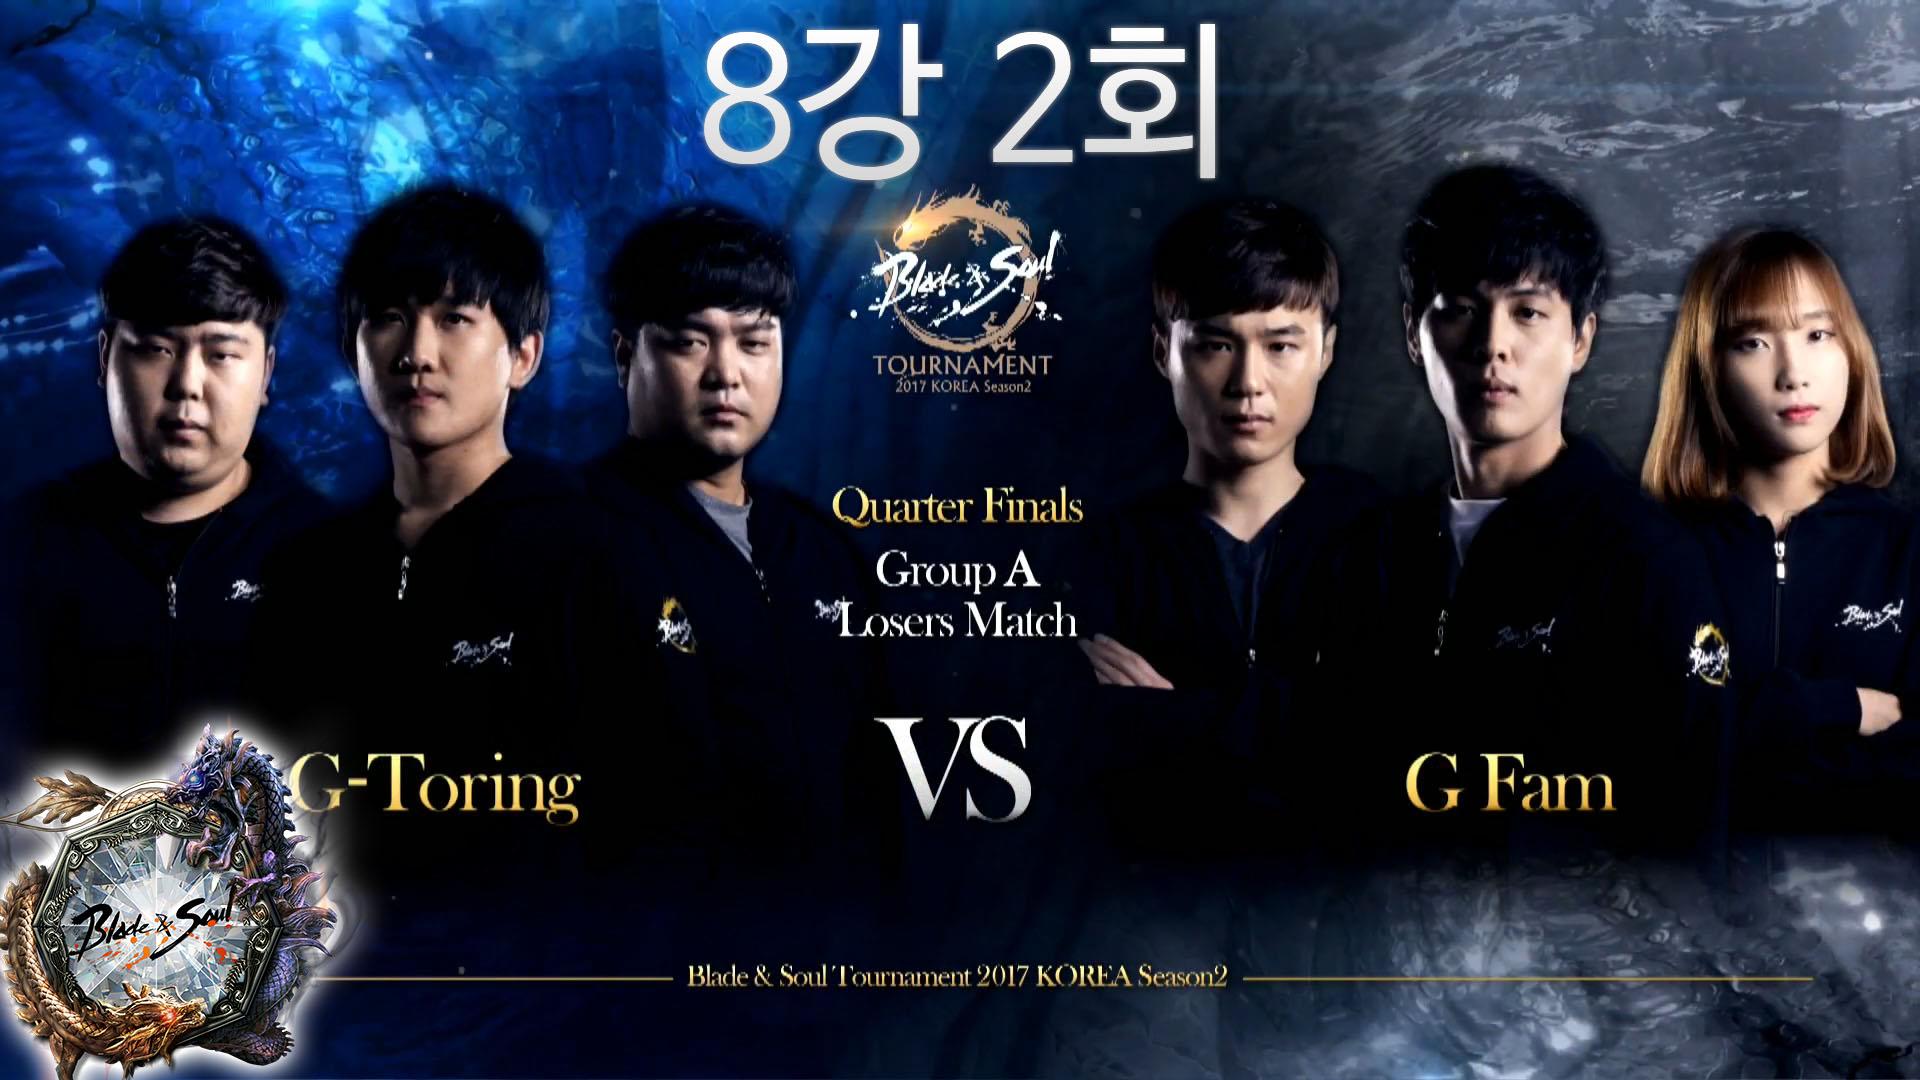 G-Toring vs. G fam – 8강 2회